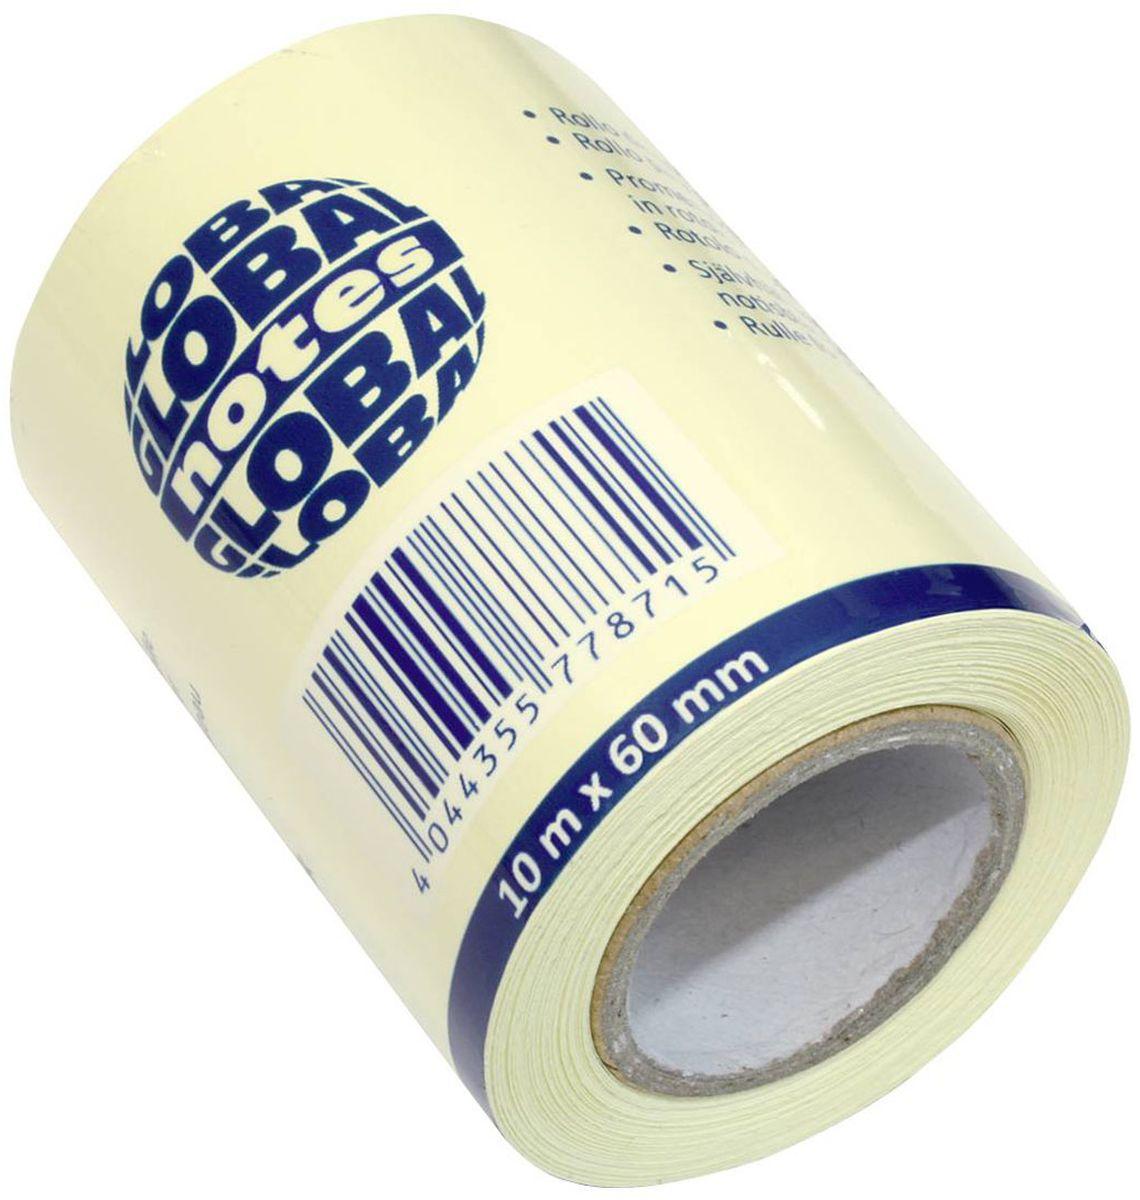 Global Notes Бумага для заметок с липким слоем цвет желтый 60 мм х 10 м 362001362001Бумага для заметок с липким слоем Global Notes - это удобное и практичное решение для быстрой записи информации дома или на работе.Предназначена для использования с любой бумагой для заметок в роле размером 60 мм х 10 м.